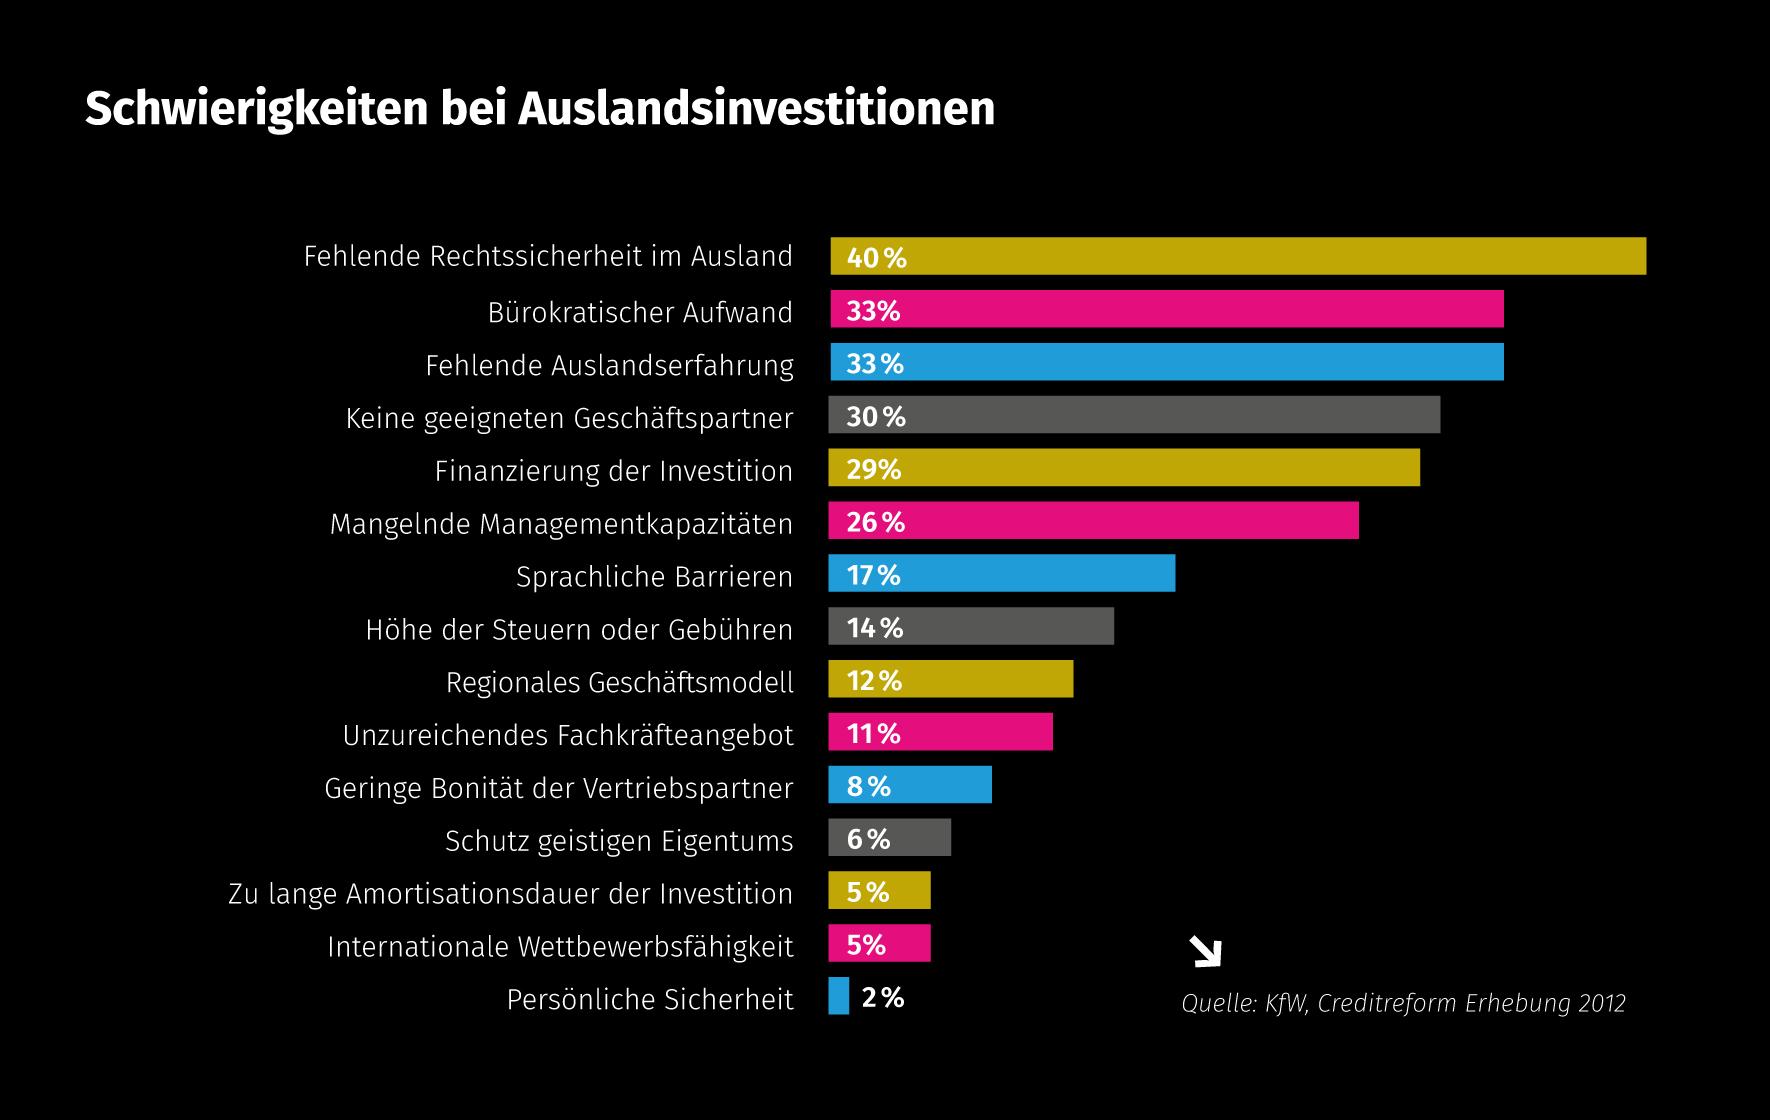 Grafik_Schwierigkeiten-Auslandsinvestitionen